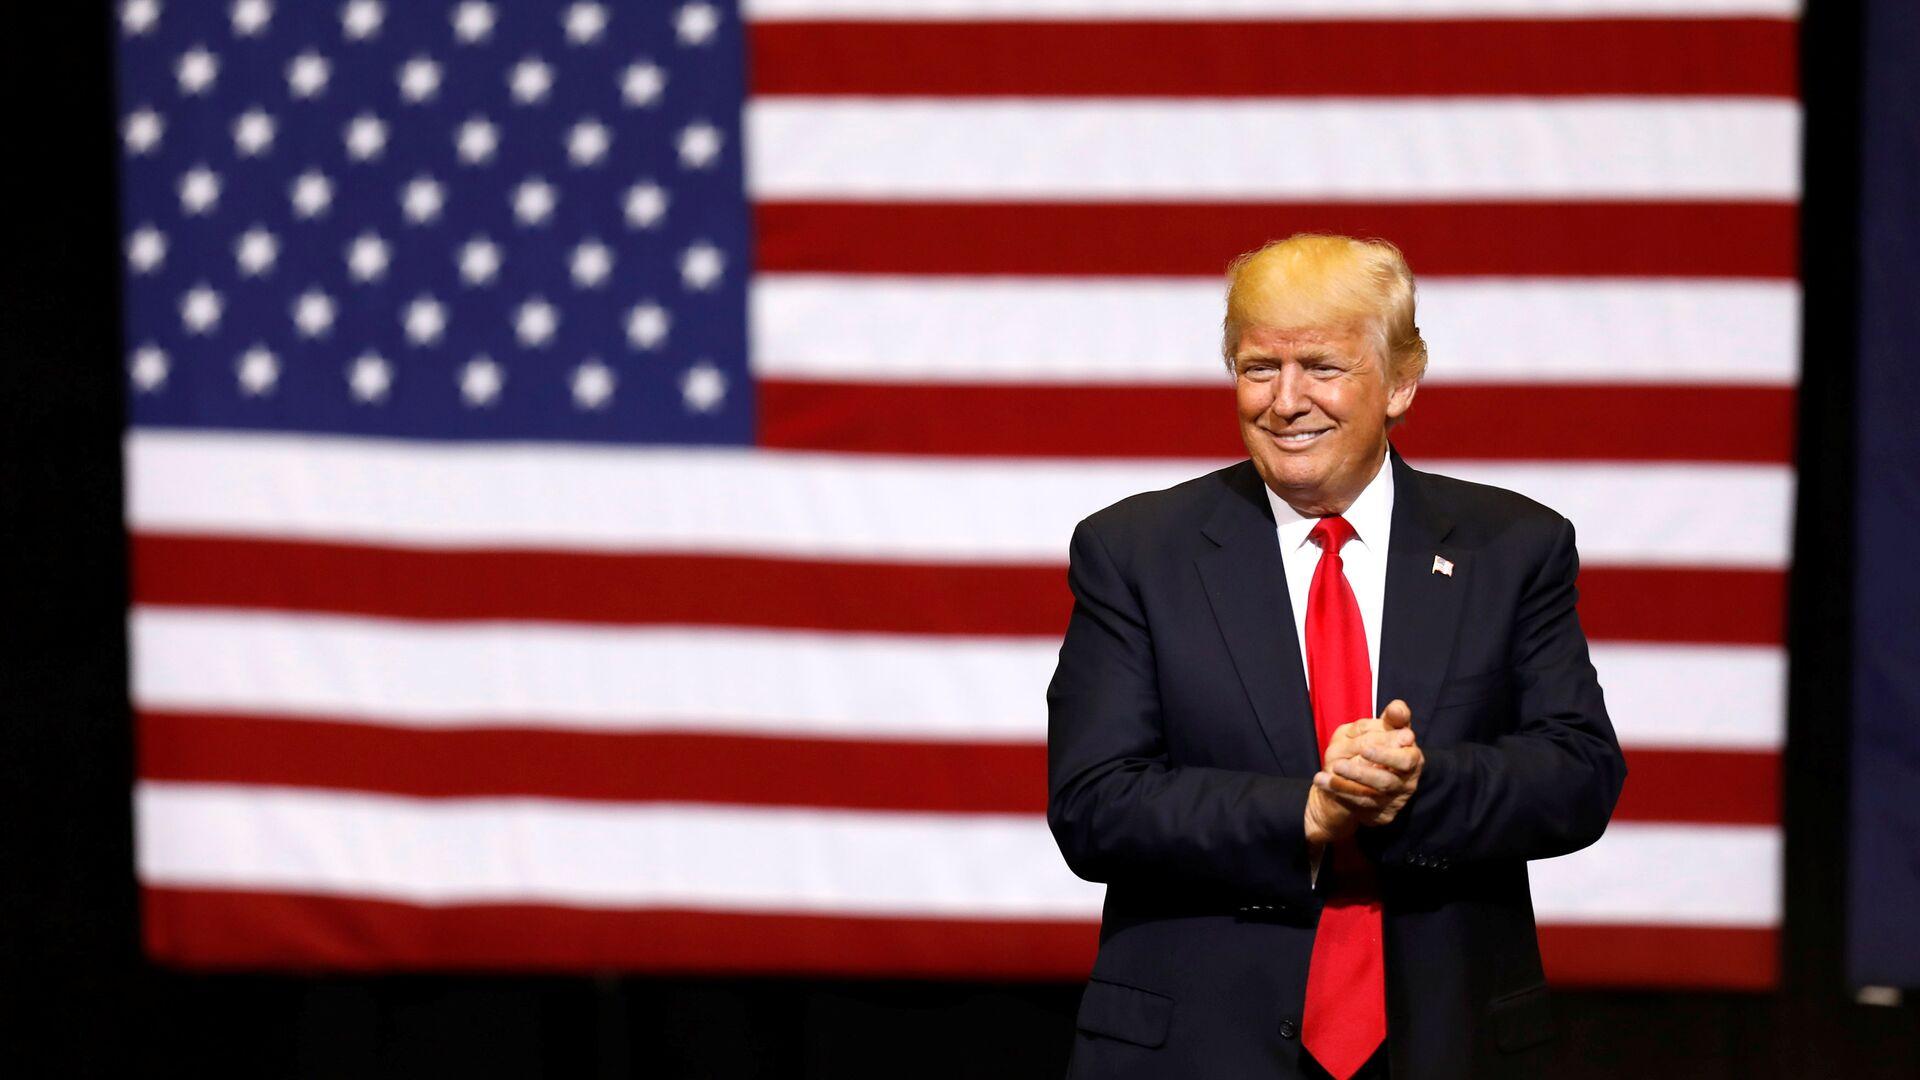 Donald Trump, expresidente de EEUU - Sputnik Mundo, 1920, 14.01.2021